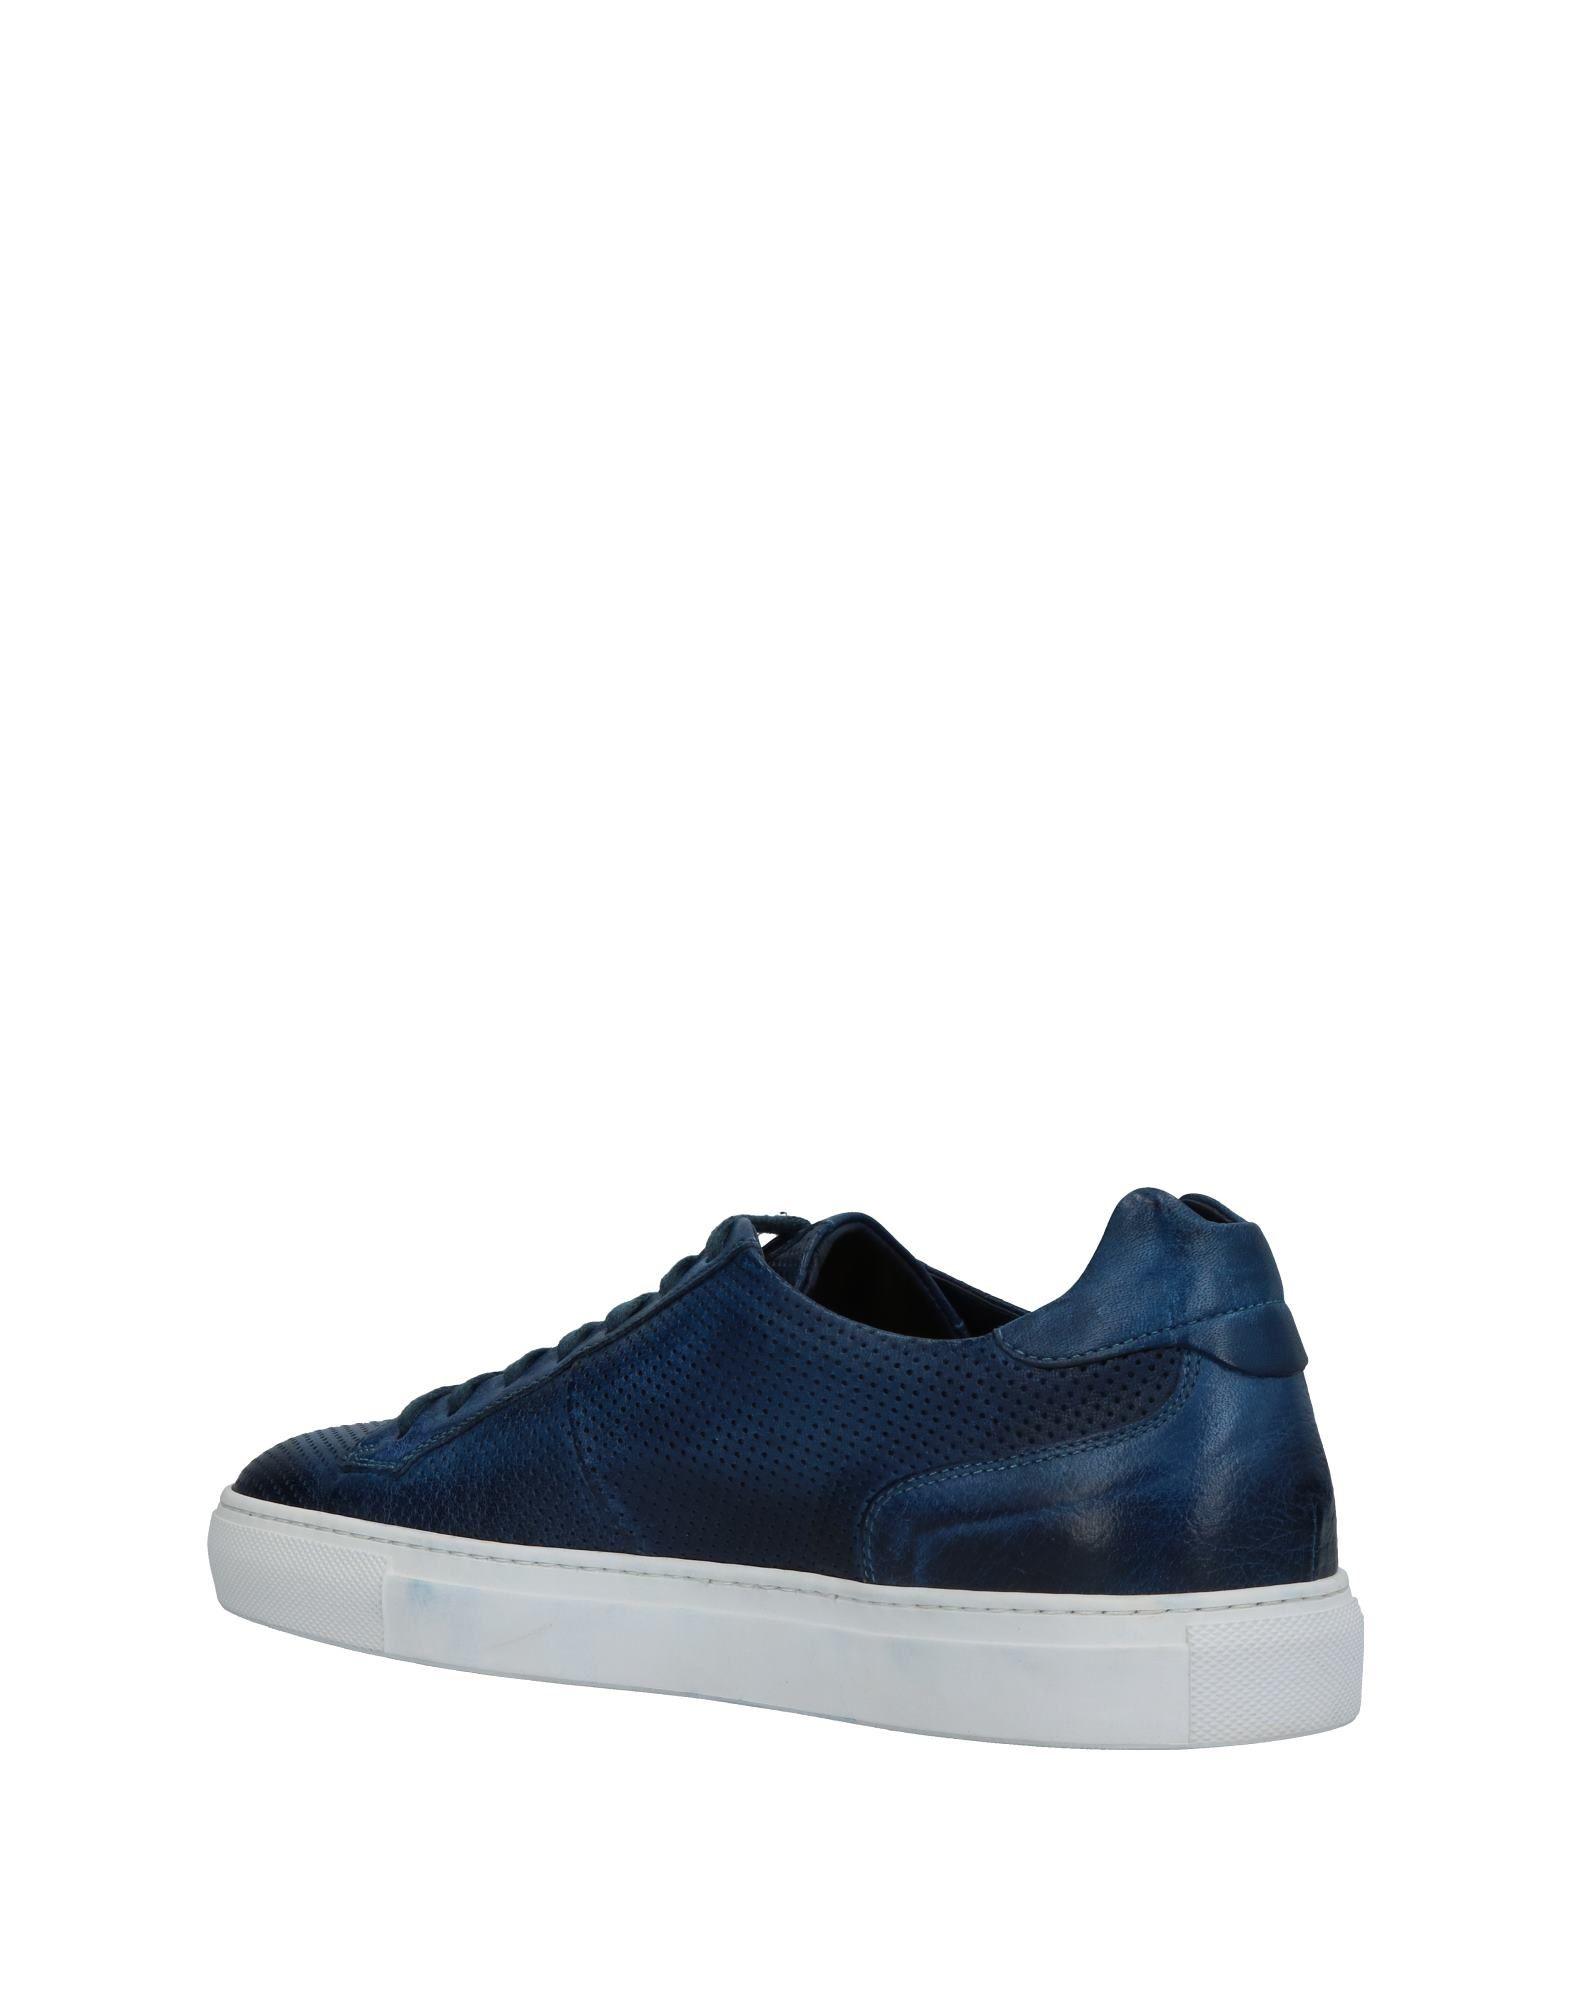 Alessandrelli Sneakers Herren    11359650JI Heiße Schuhe 8cfb5d